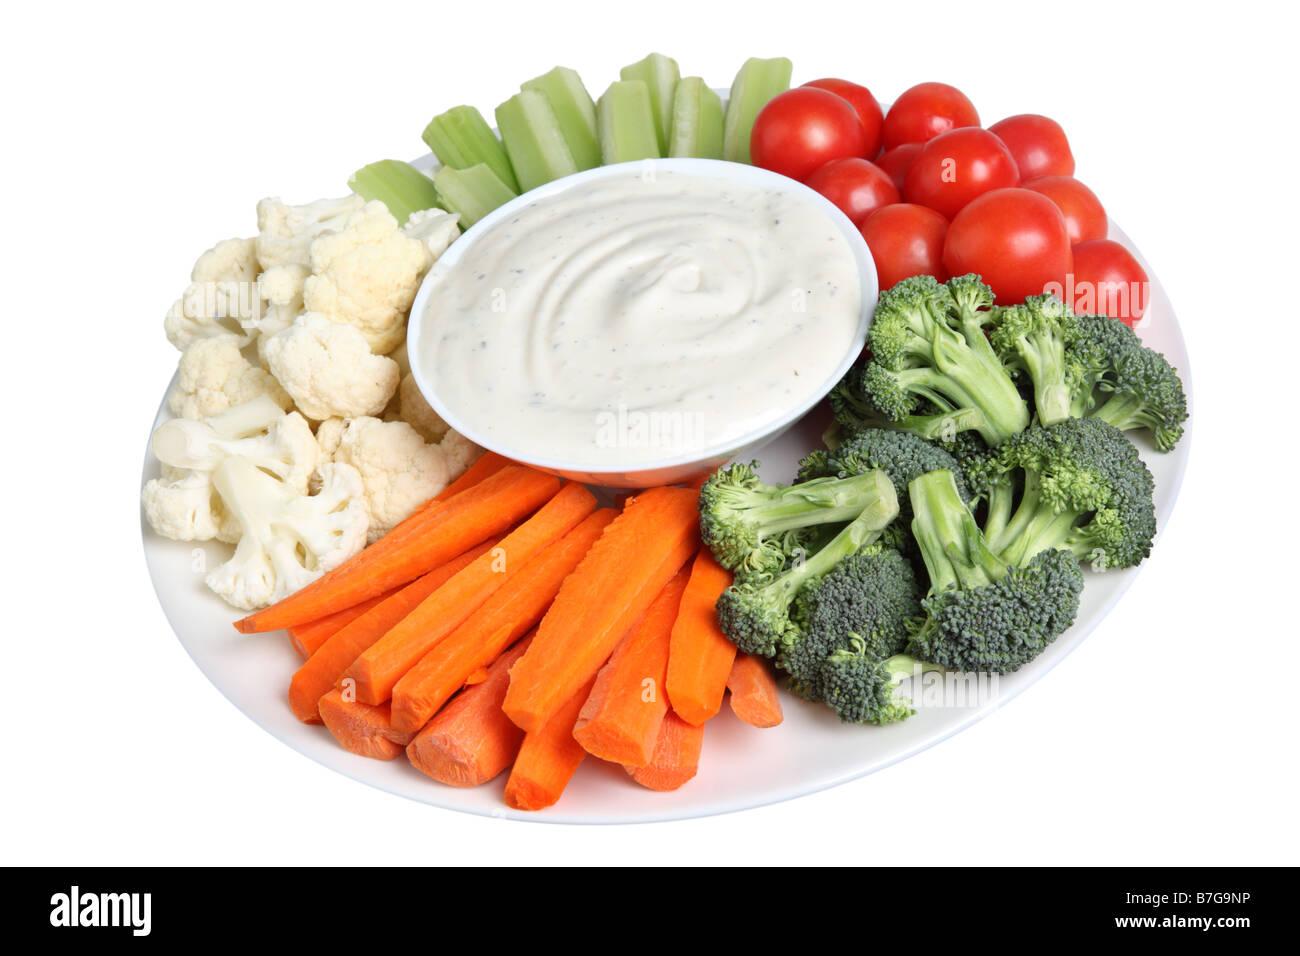 Bac à légumes chou-fleur Brocoli Tomates céleri avec des bâtonnets de carottes et trempette Photo Stock